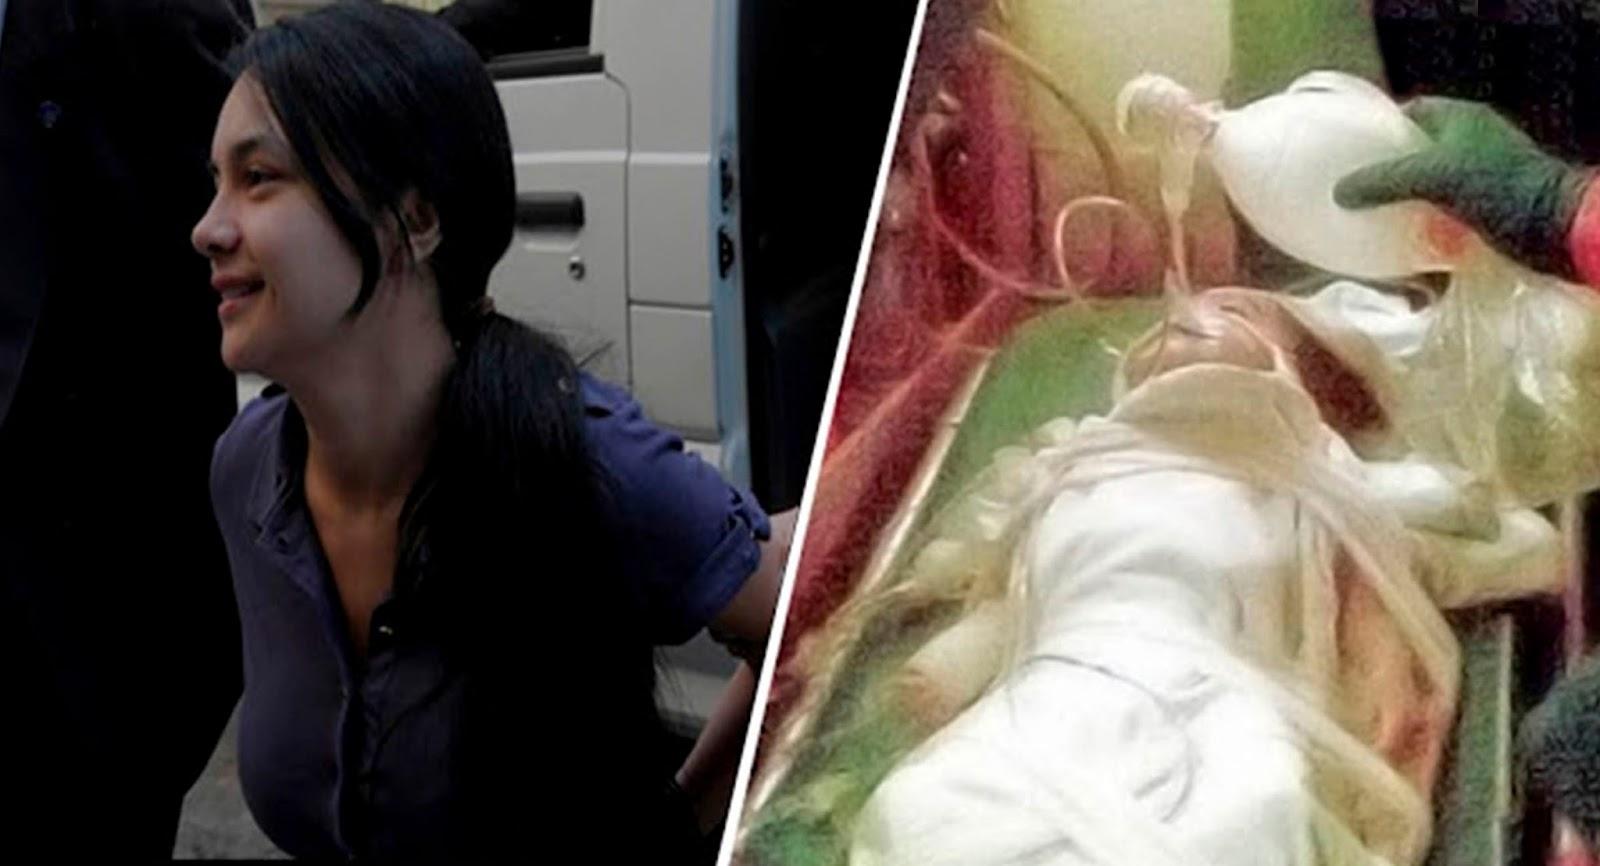 Sevgilisi İçin 10 Aylık Bebeğini Ölüme Terk Etti